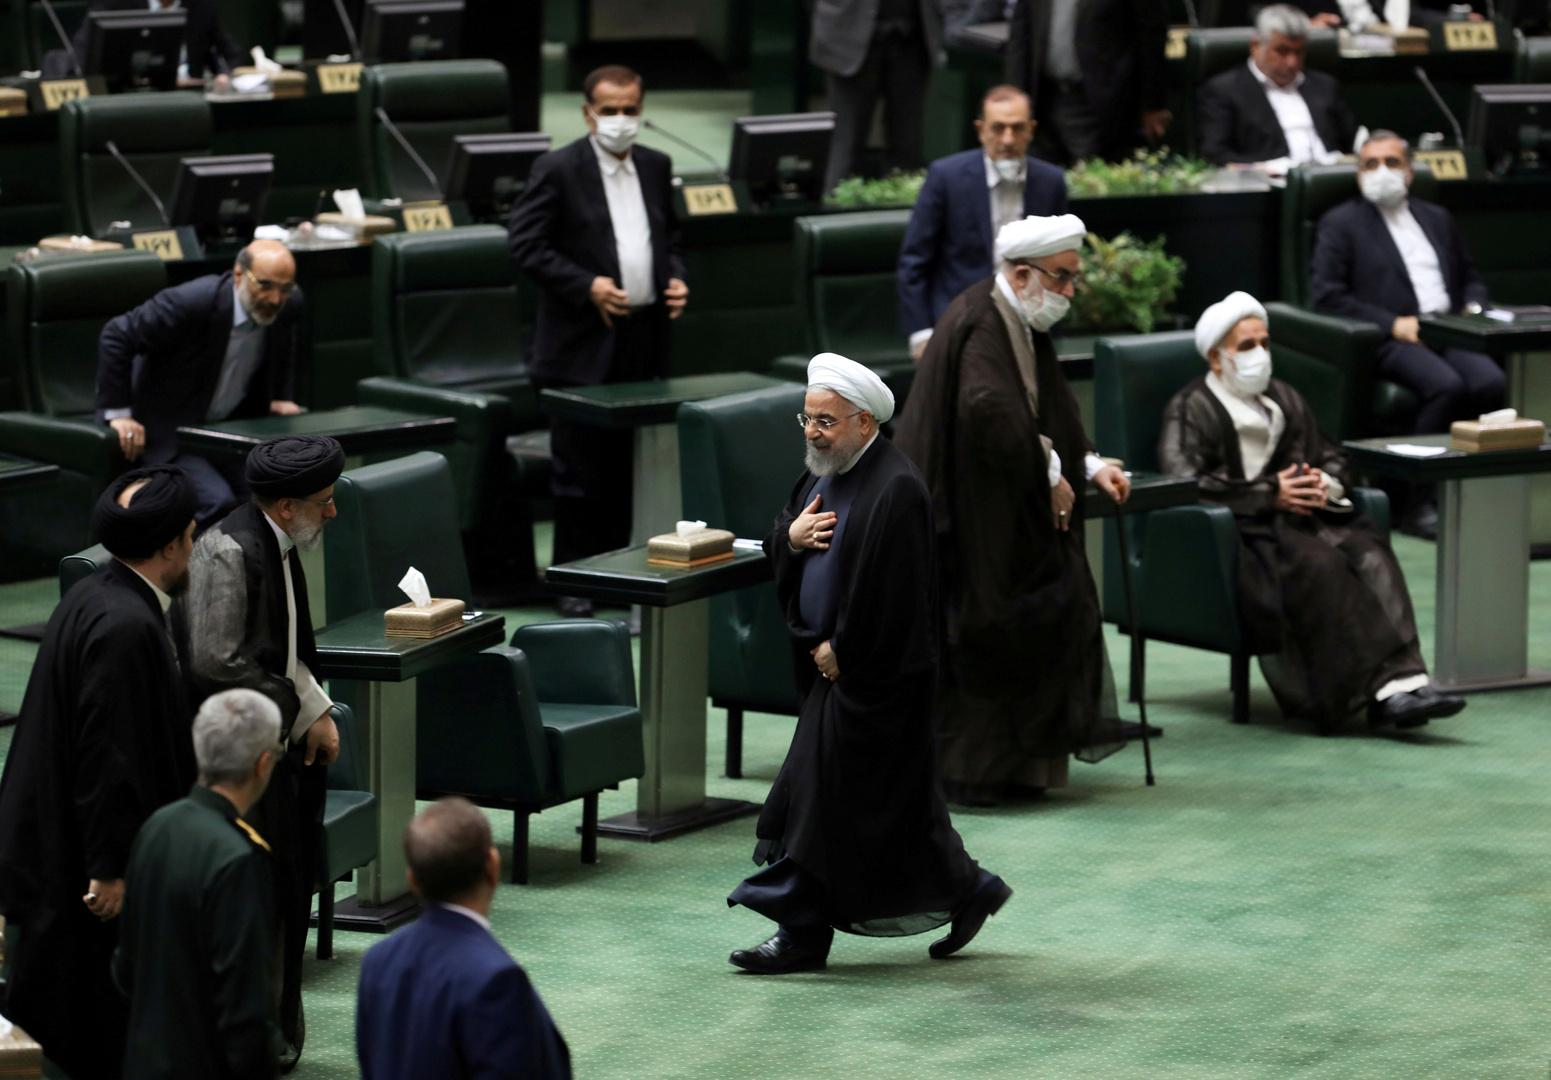 الرئيس الإيراني حسن روحاني يحضر جلسة في البرلمان